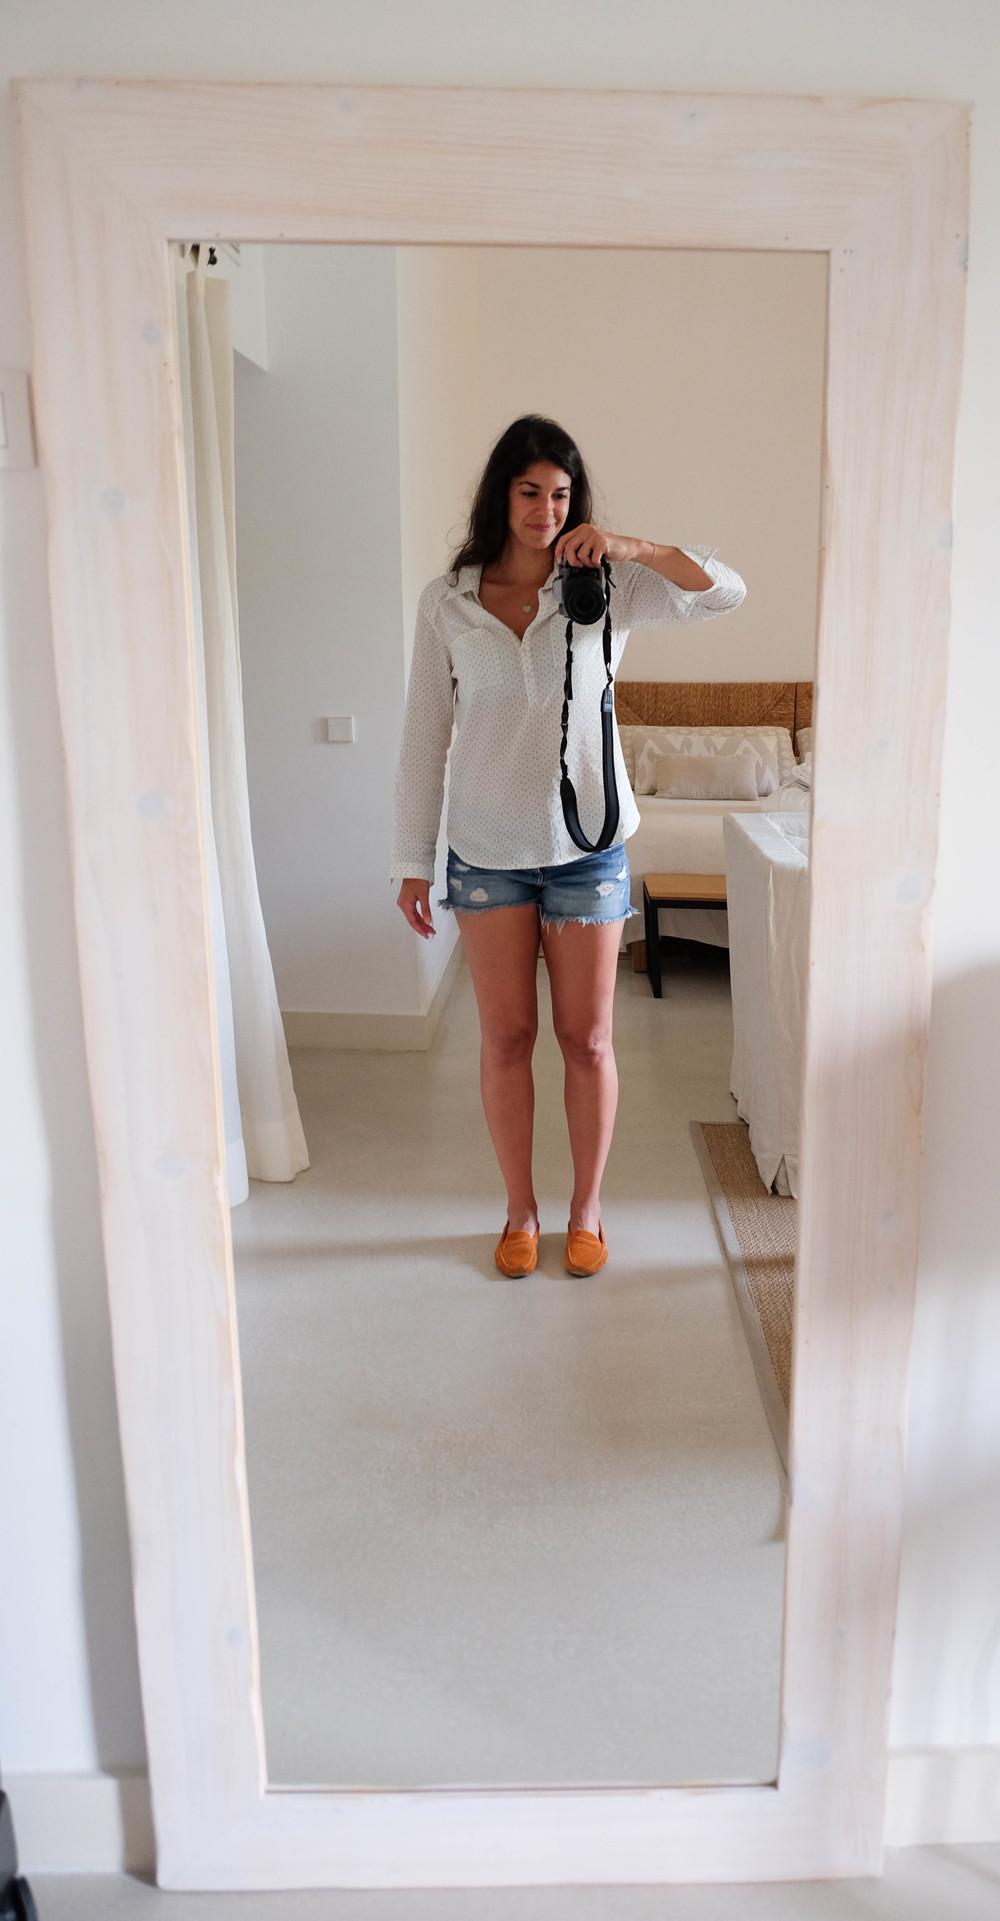 LaurenSchwaiger-Life-Style-Travel-Blog-Predi-Son-Jaumell.jpg